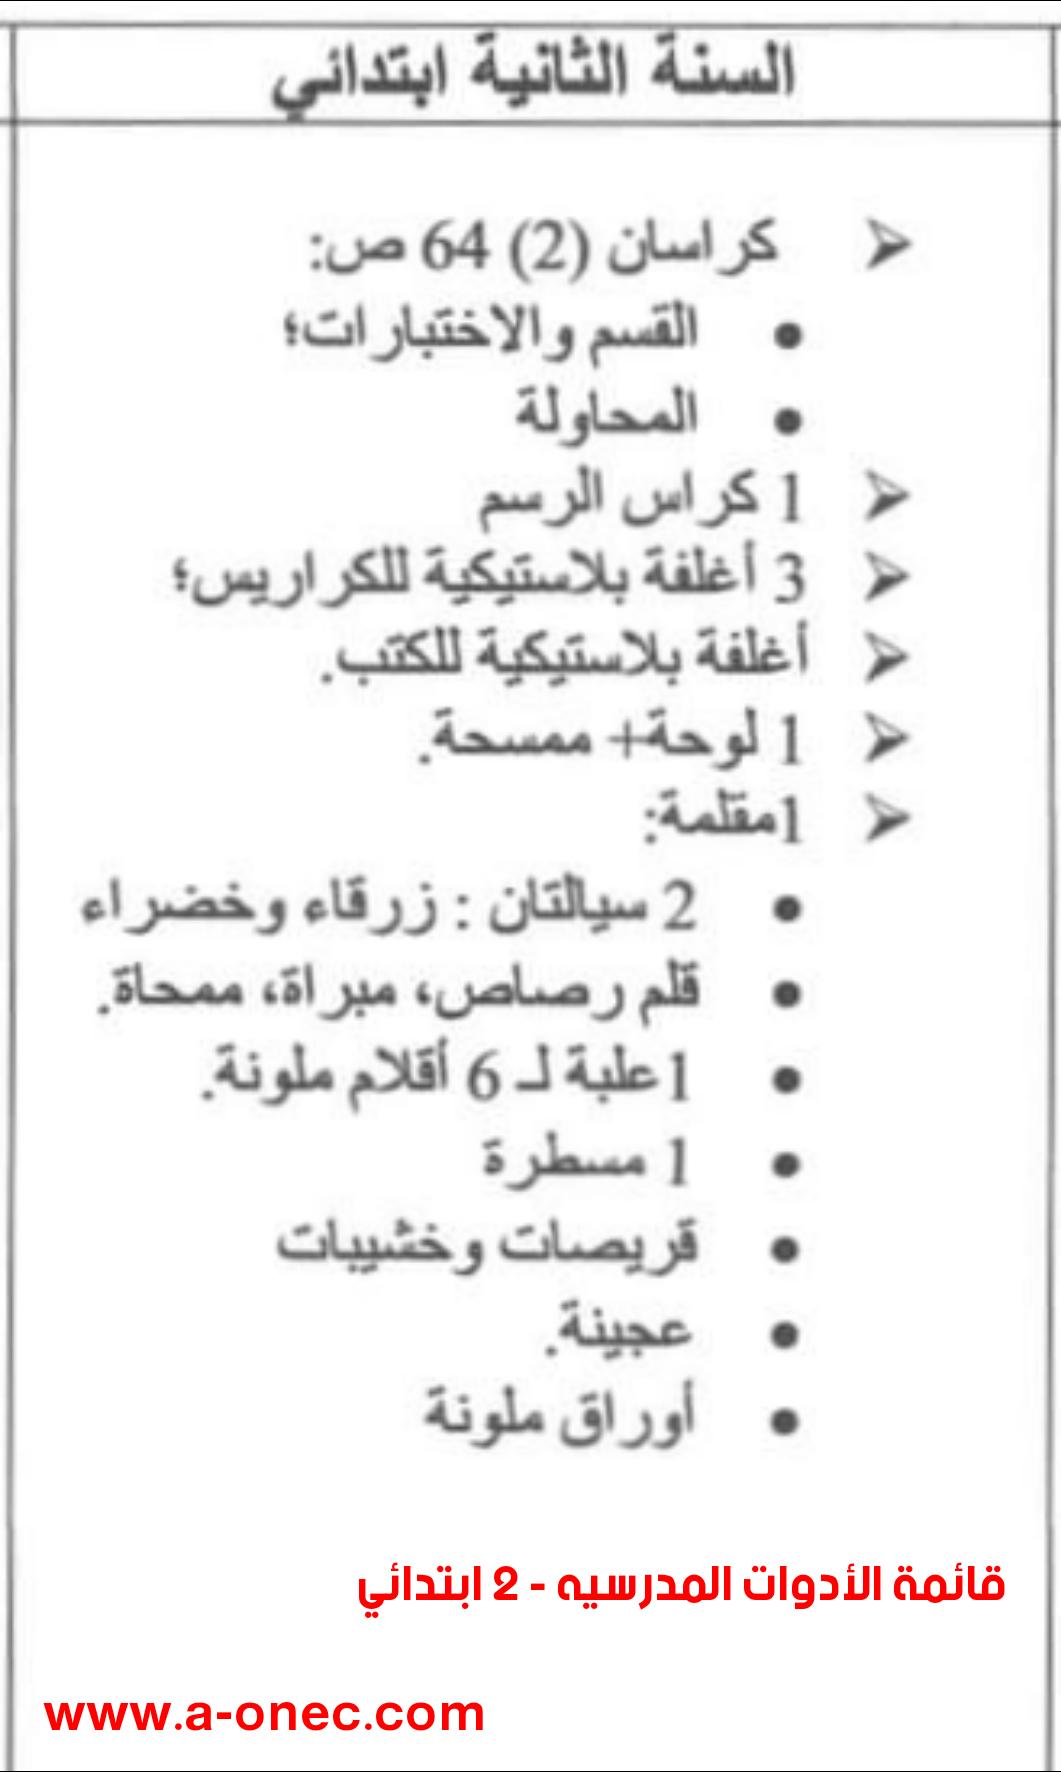 قائمة الادوات المدرسية الرسمية للسنة الثانية ابتدائي